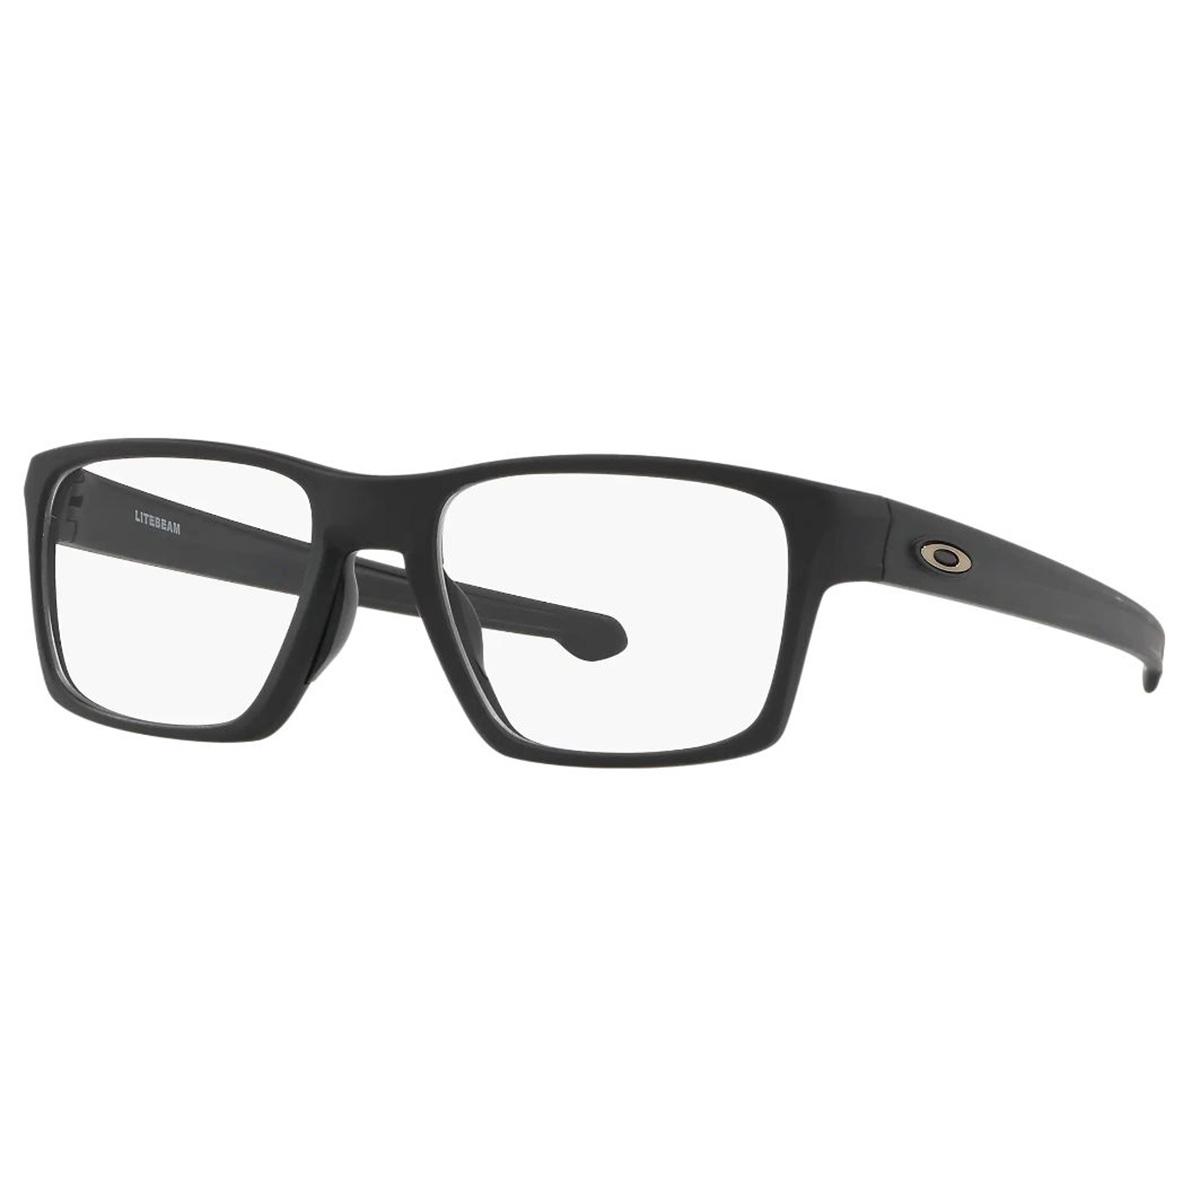 Óculos de Grau Oakley Litebeam OX8140 Masculino Preto Fosco